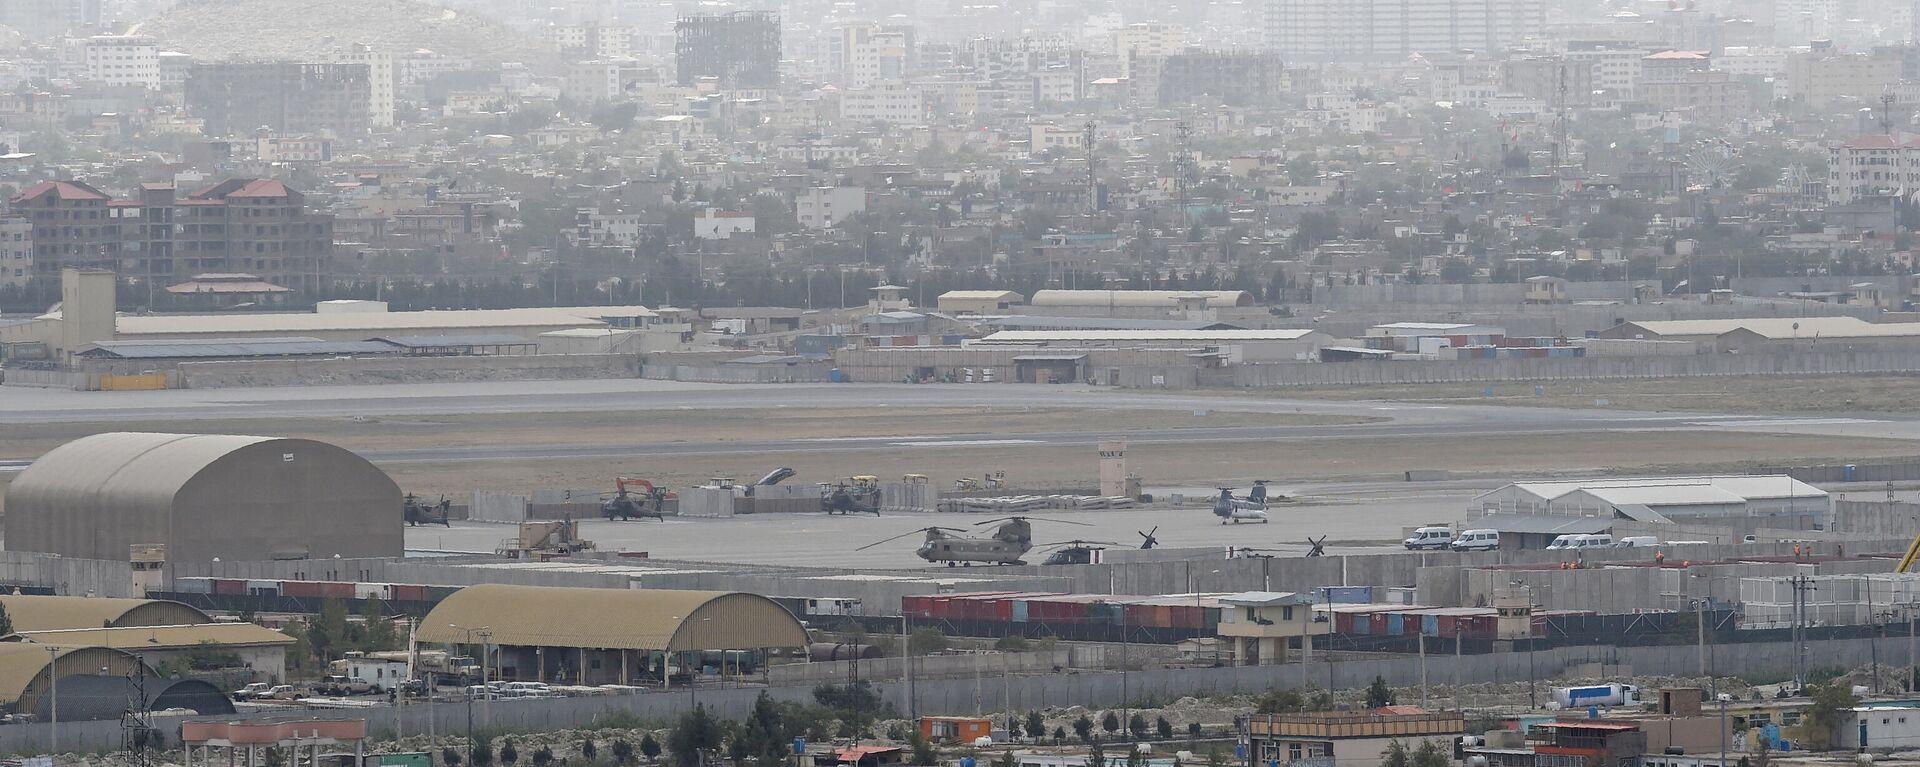 Војни аеродром у Кабулу - Sputnik Србија, 1920, 10.09.2021